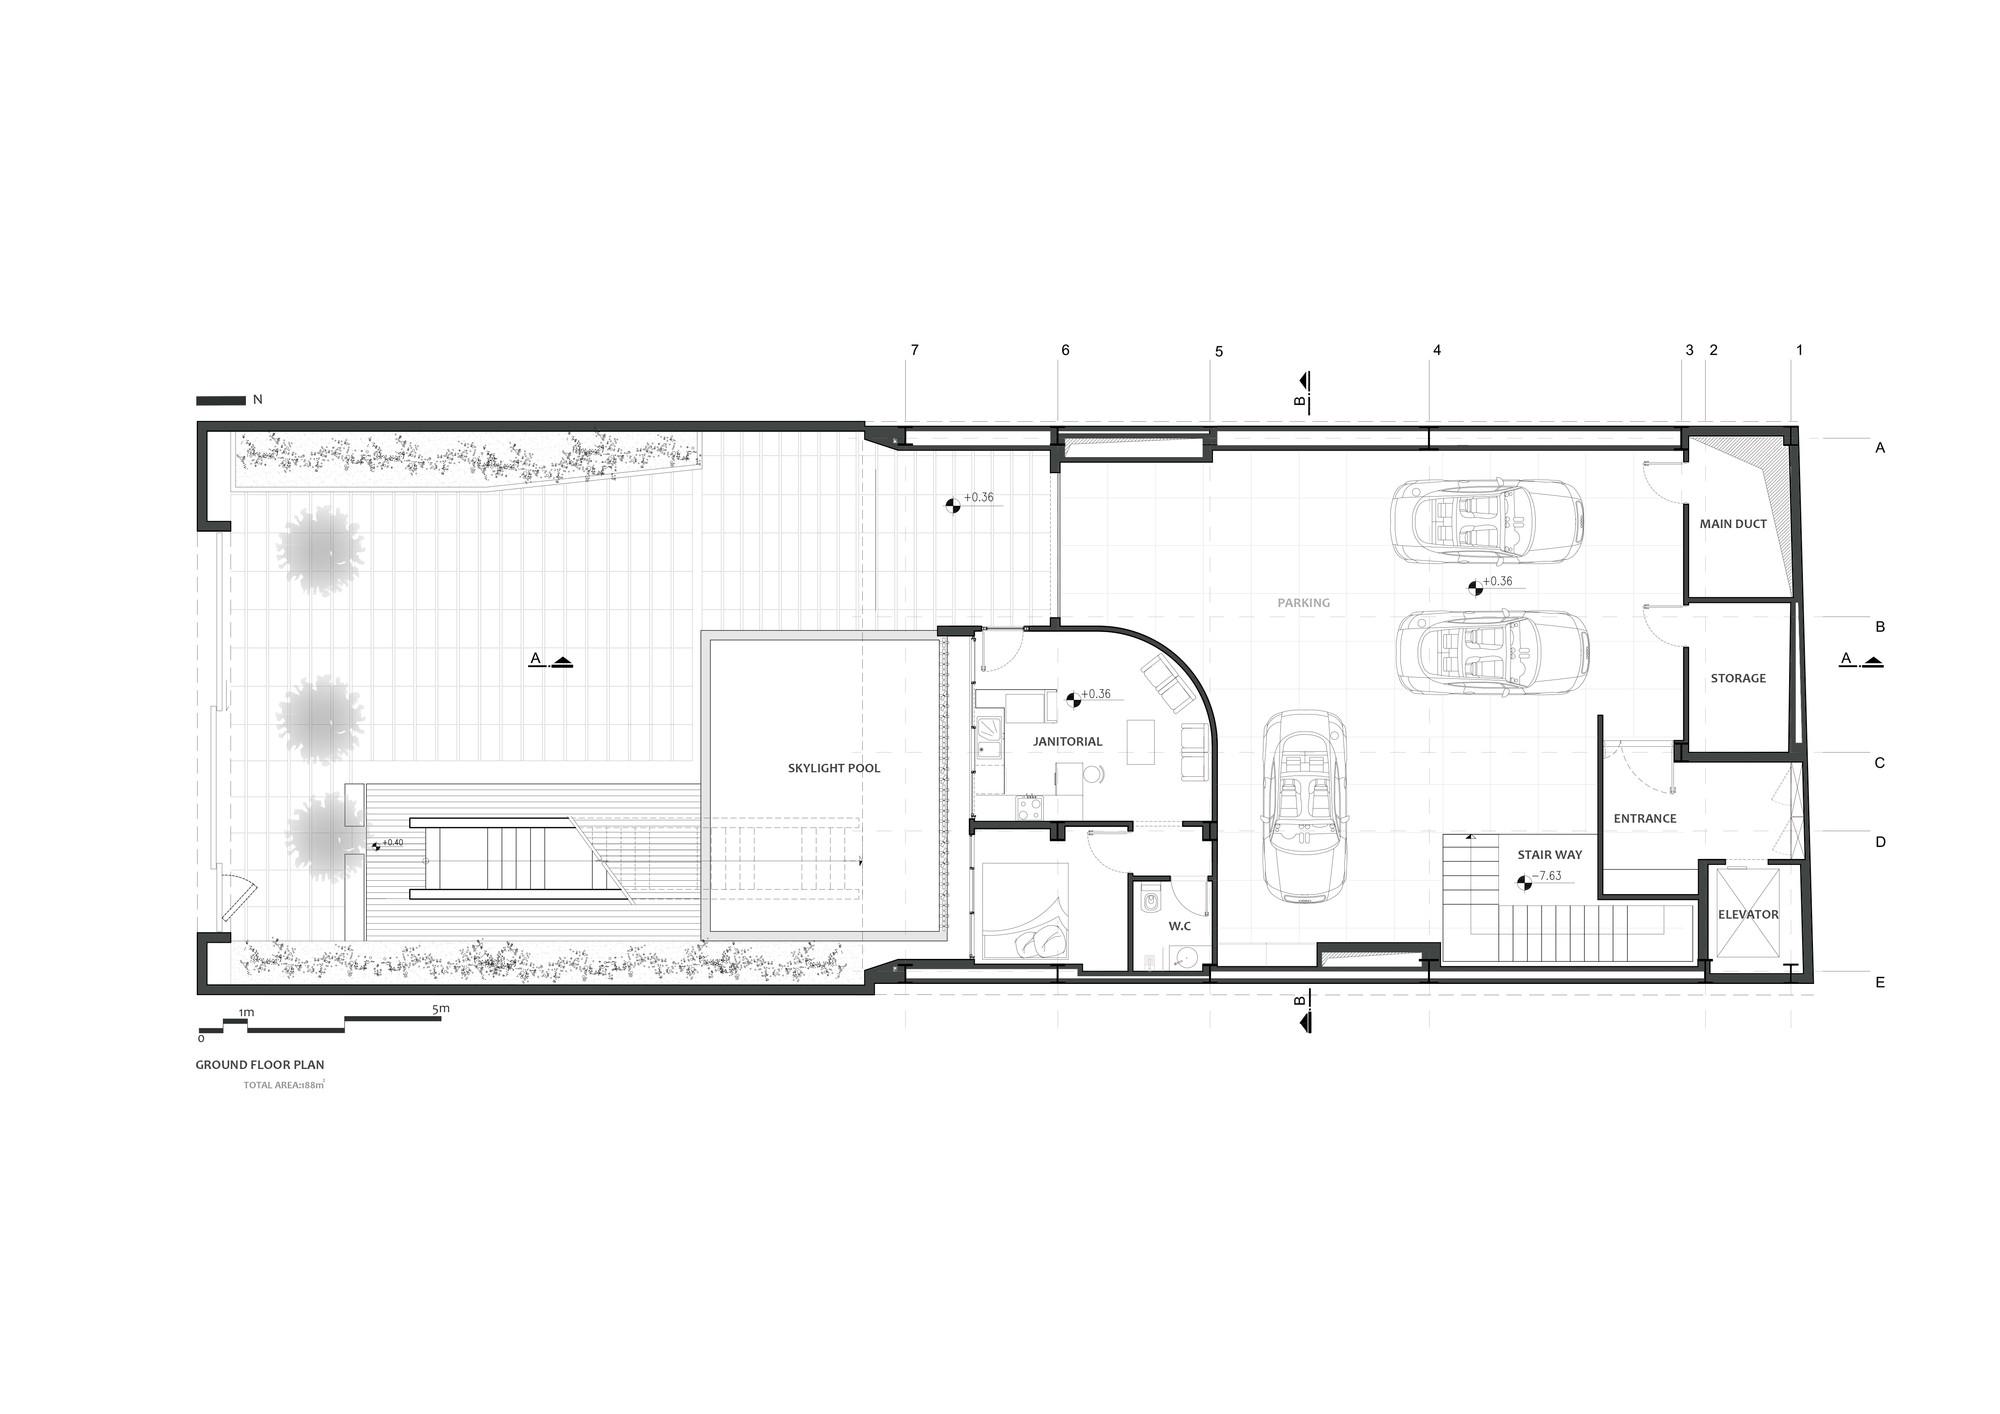 پلان های خانه مسکونی,نقشه های ساختمان مسکونی,نقشه ساختمان مسکونی